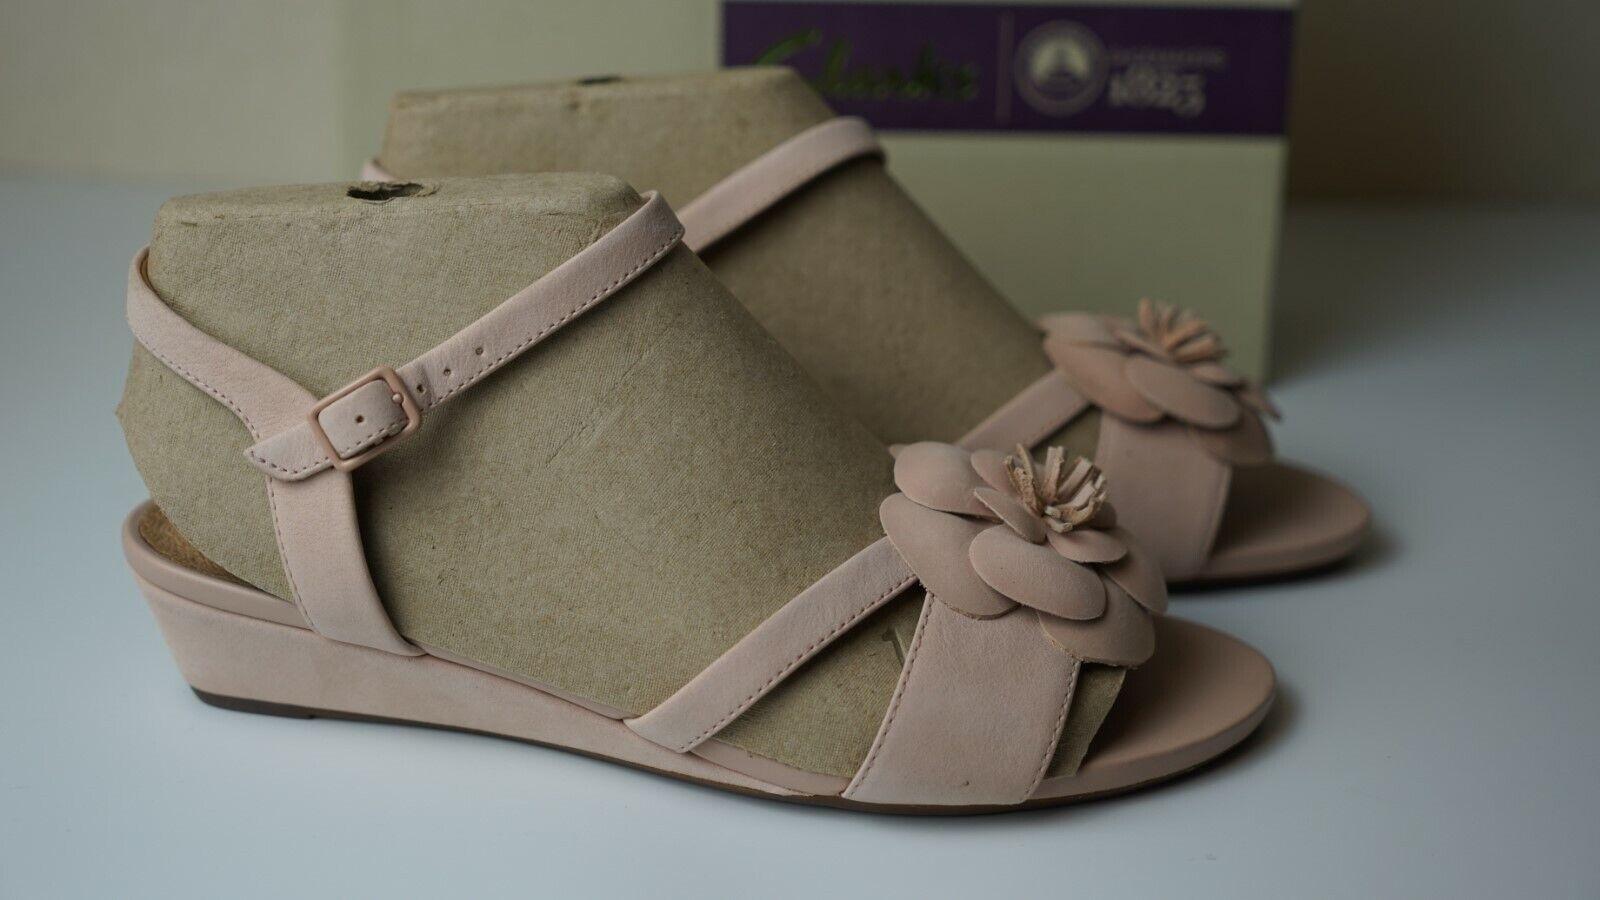 Clarks Chaussures Femme Parram Stella UK6E Dusty Rose Nouveau Sandales boxed excellent